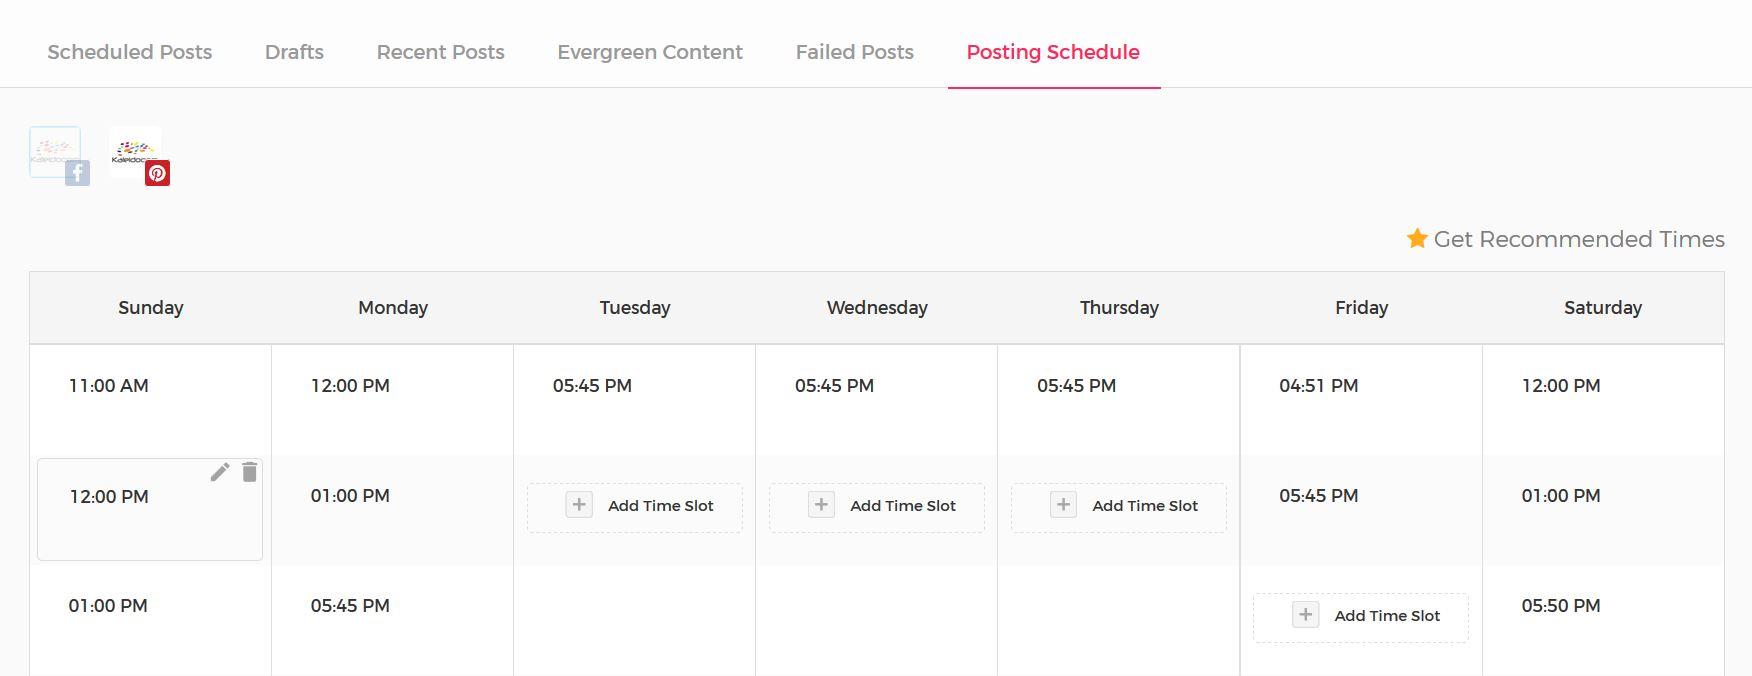 Postingplan mit Viraltag und vorgeschlagenen Zeitenaufbauen